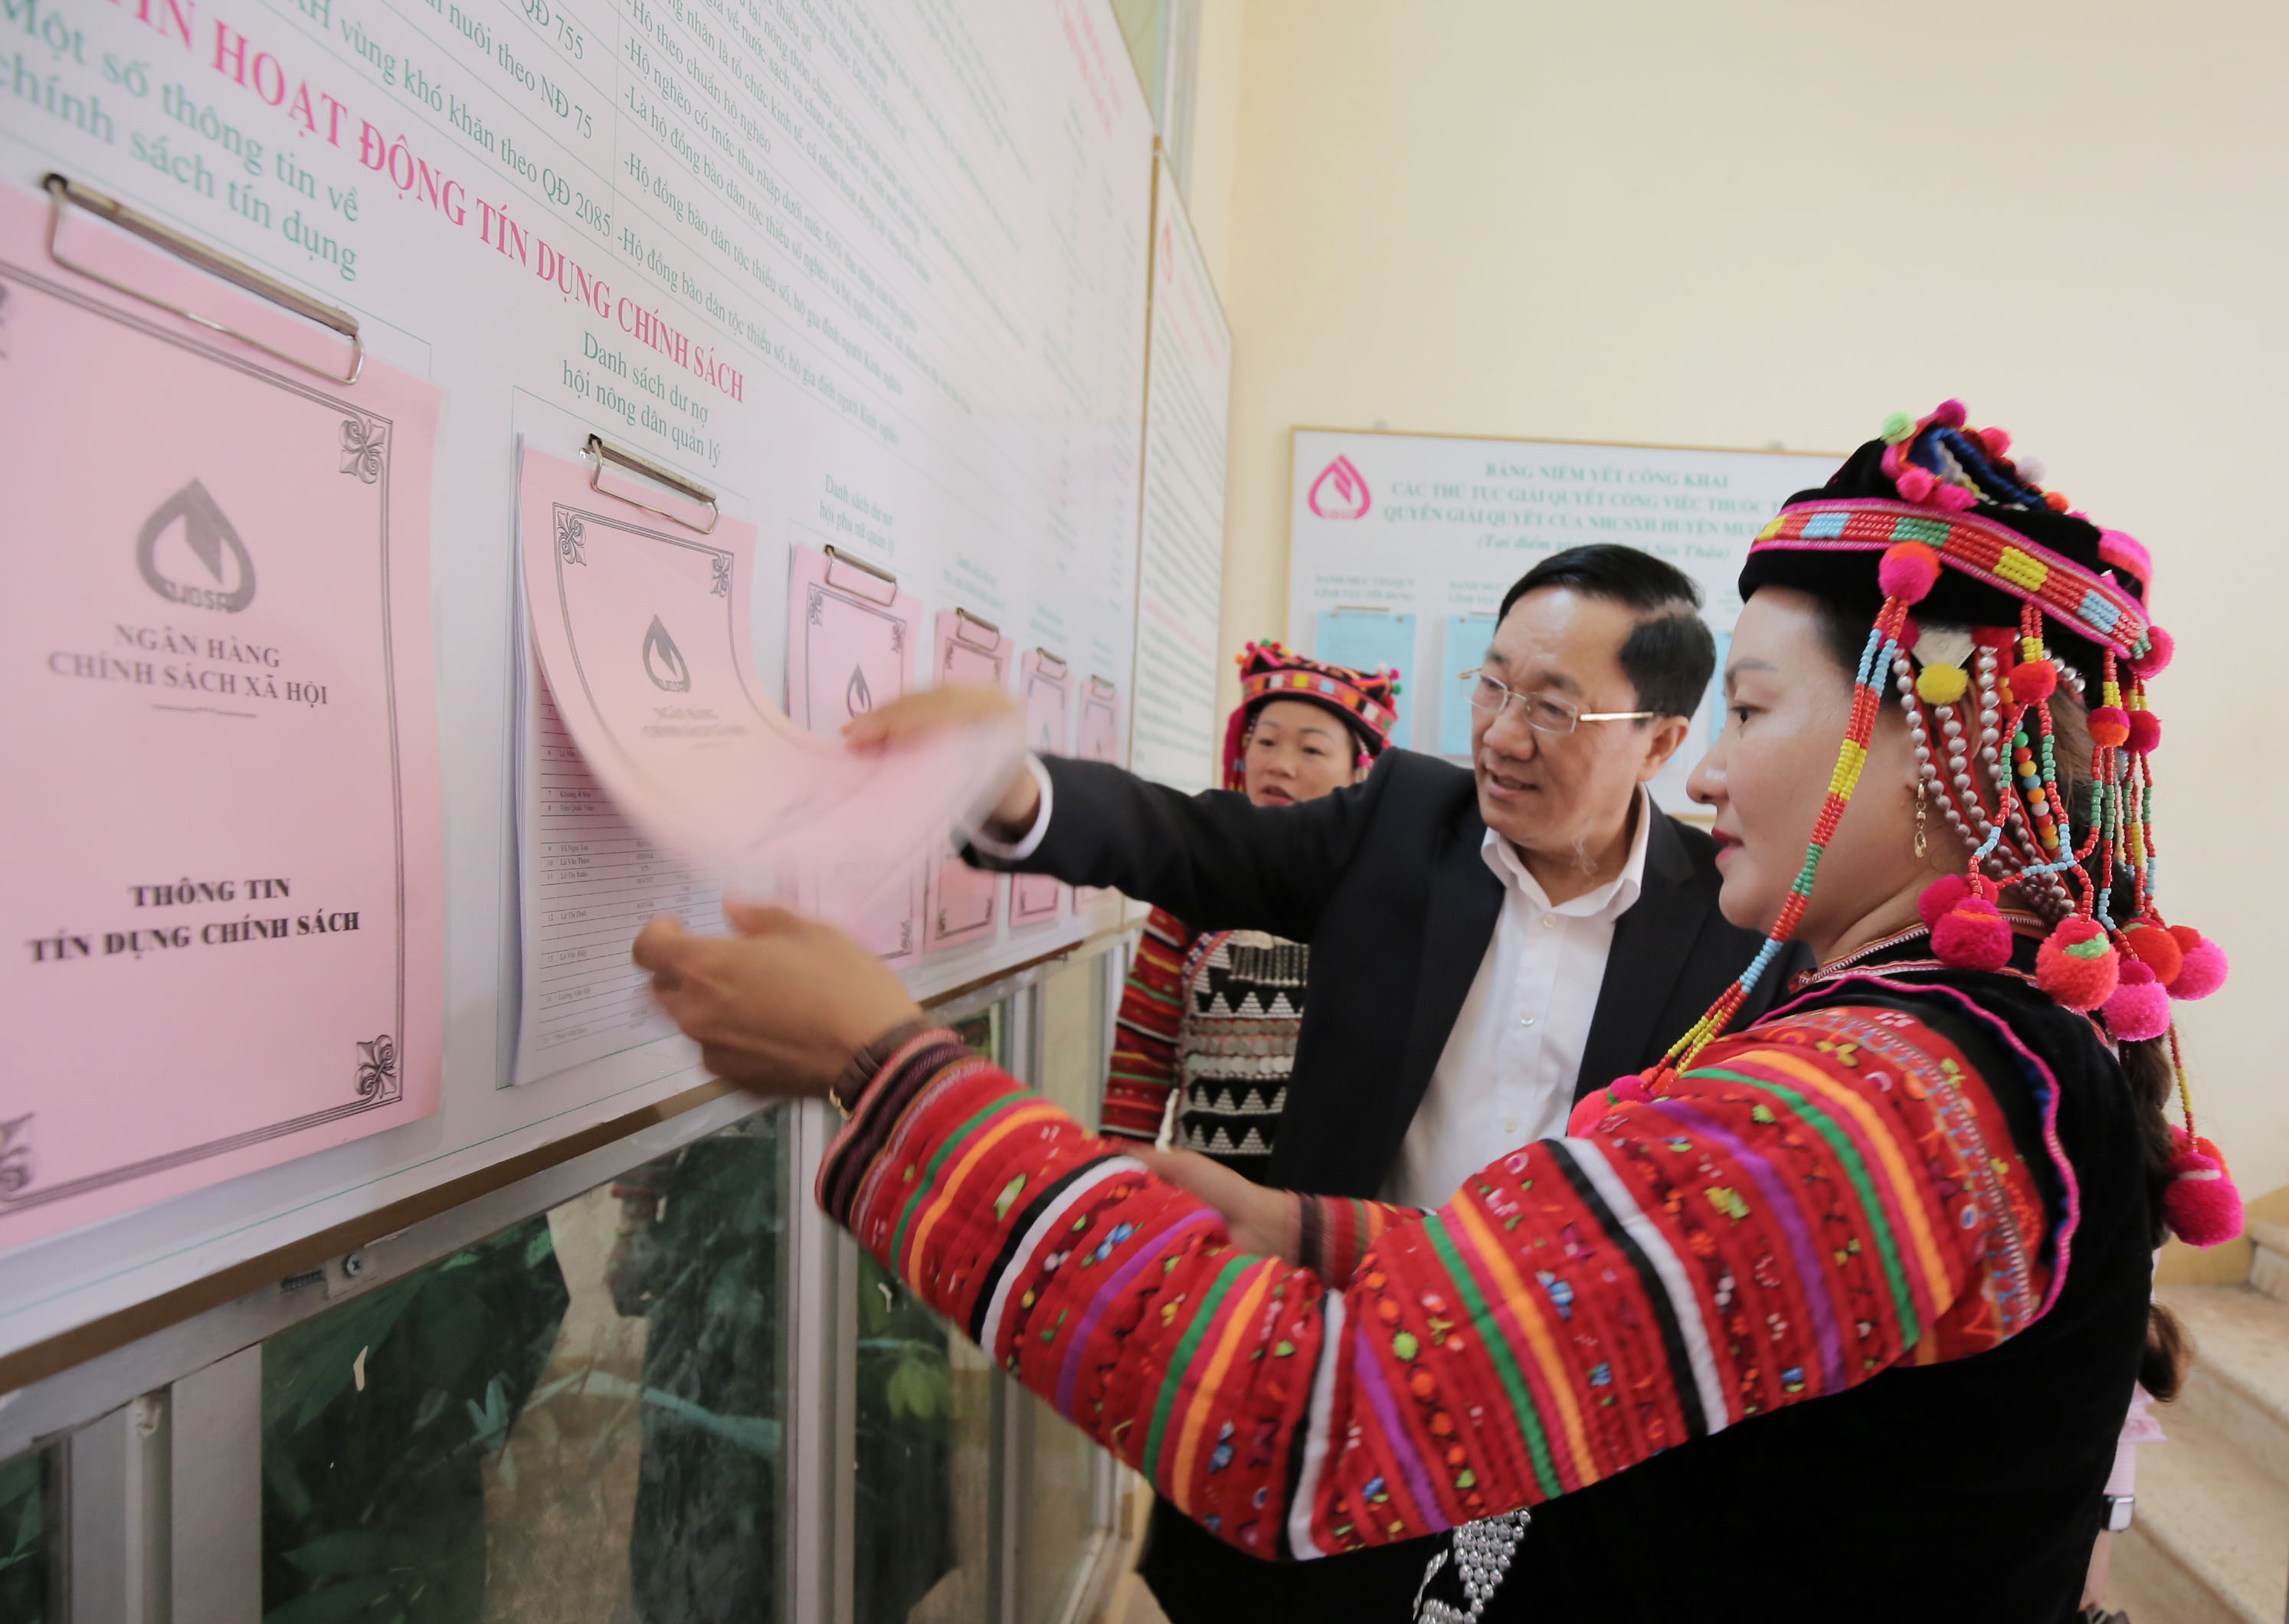 Tổng Giám đốc NHCSXH Dương Quyết Thắng kiểm tra thông tin tín dụng chính sách tại xã Sín Thầu, huyện Mường Nhé